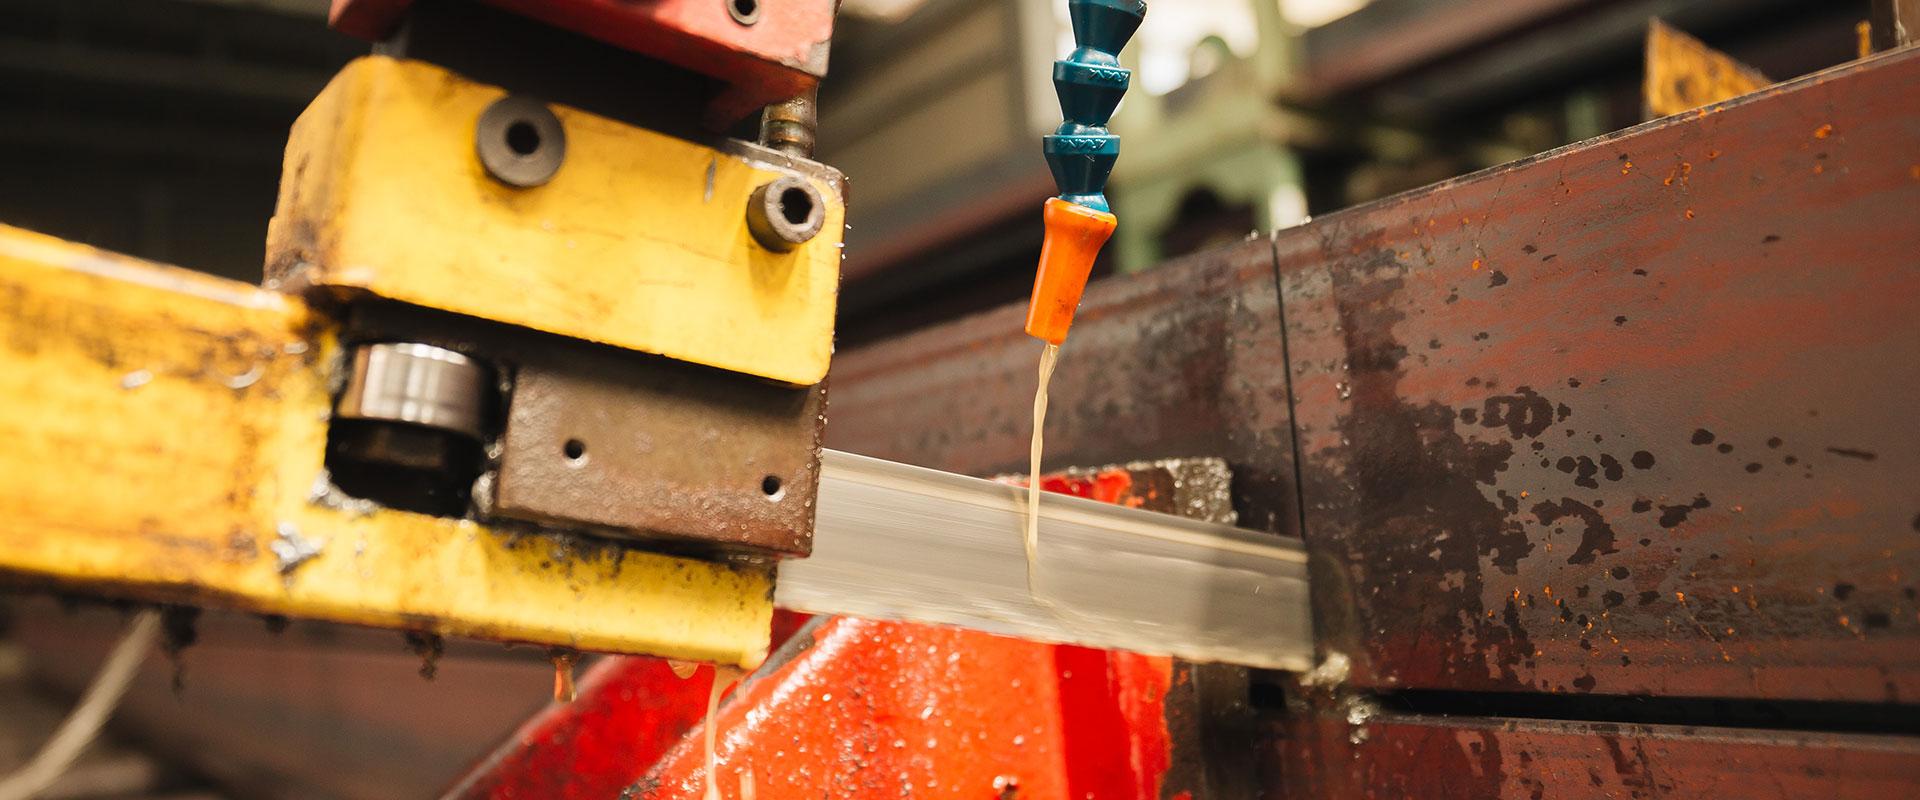 travi-tecnoacciai-vendita-acciaio-inox-siderurgica-acciai-per-industria-meccanica-impiantistica-150x150.jpg